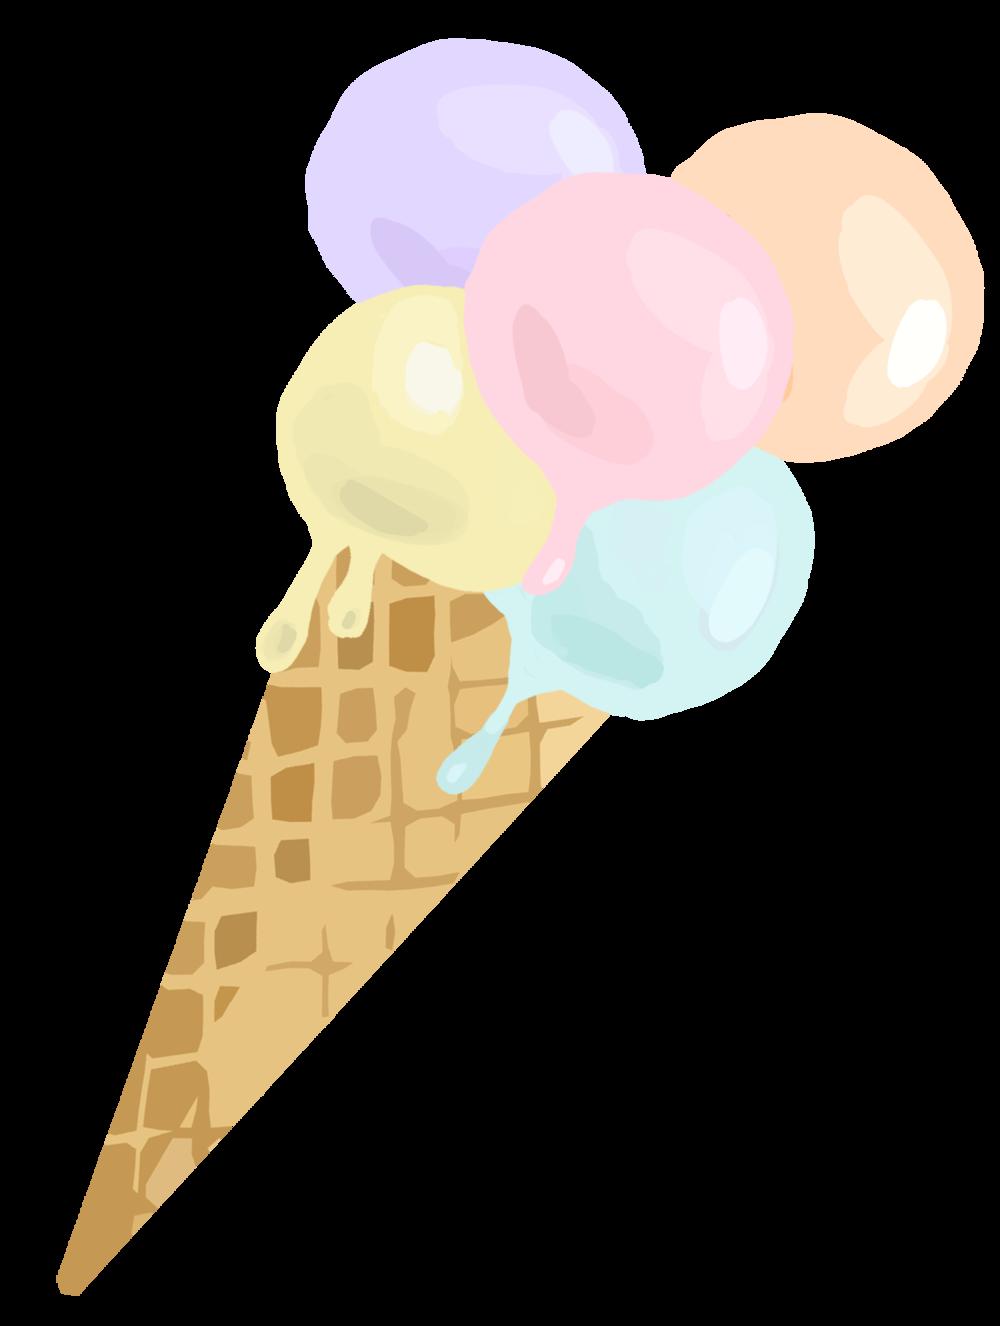 FORTINI'Sreview:Congratulations you get 5 gelato! Awesome! - Идеальное место для детей рядом с гостиницей St. Regis Abu Dhabi. Занятия для малышей и детей младшего школьного возраста. Нам все понравилось!